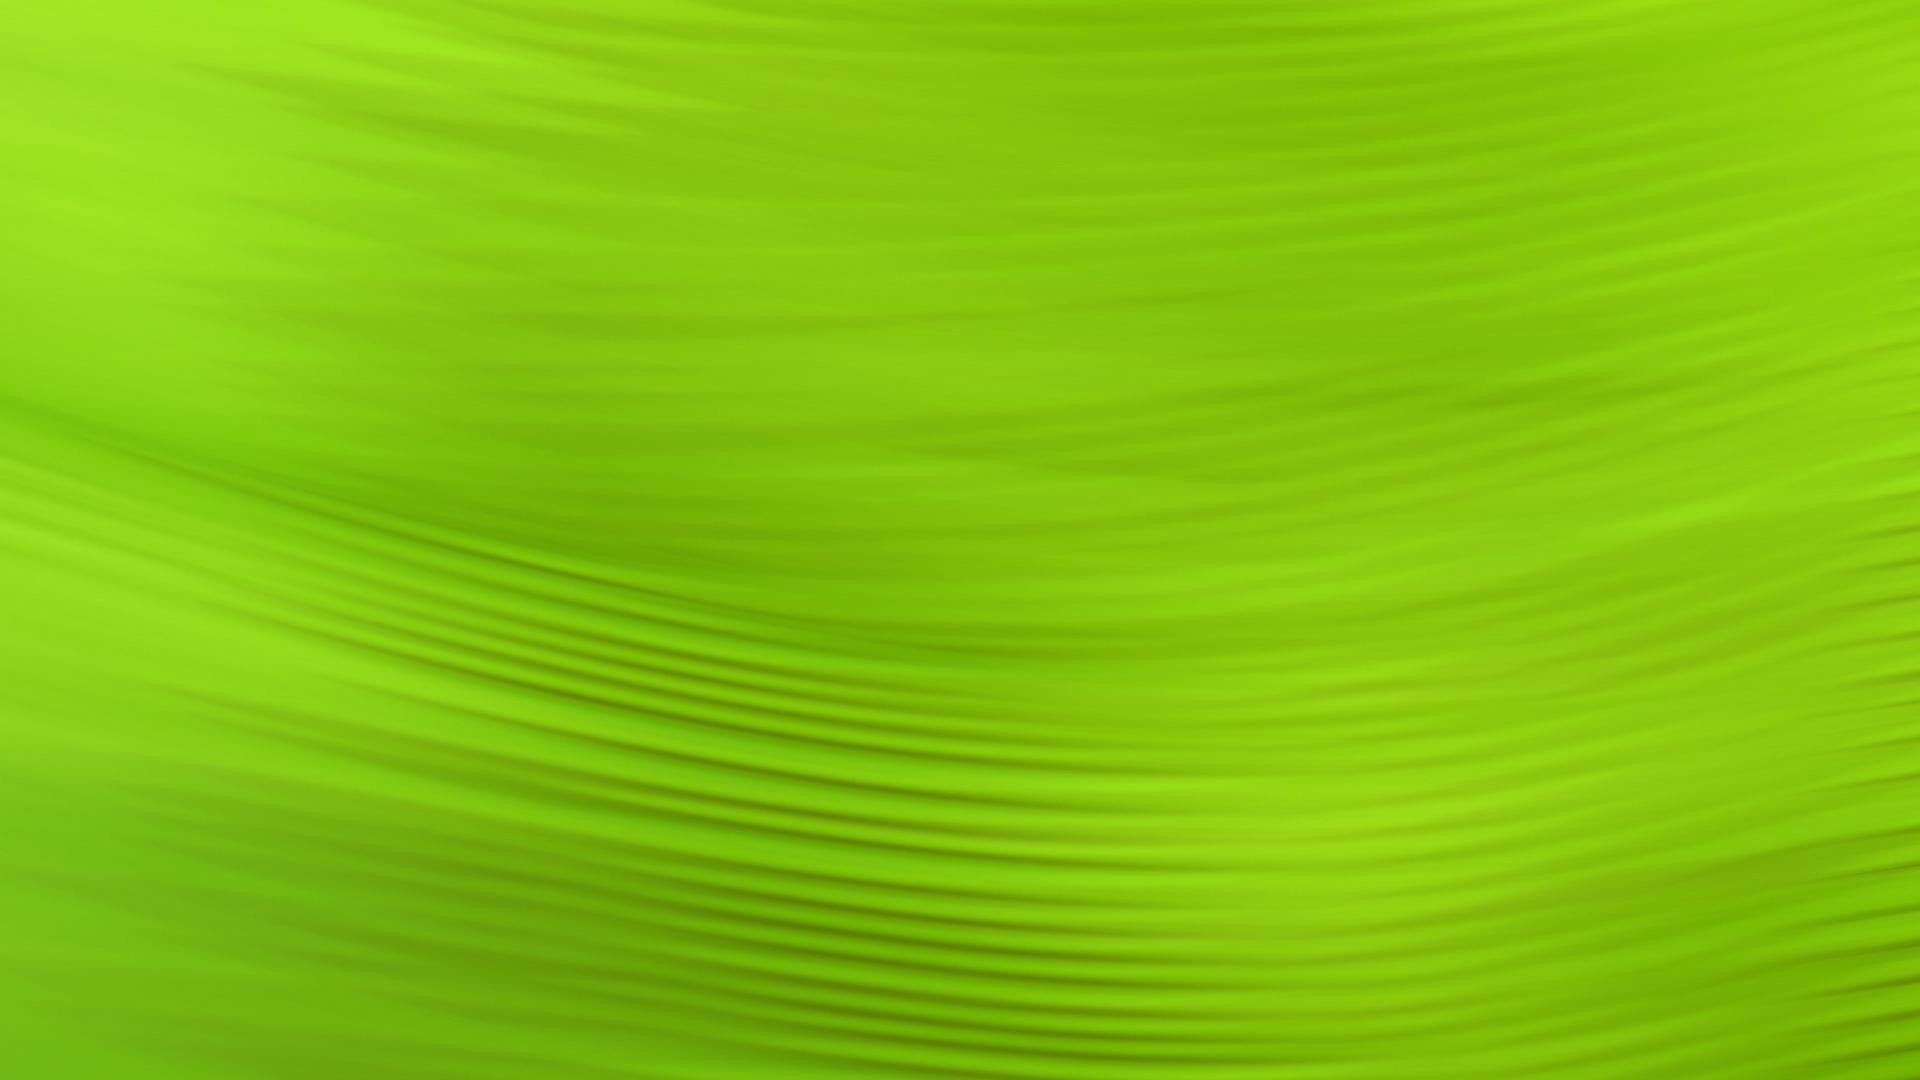 Free Green Wallpaper - WallpaperSafari